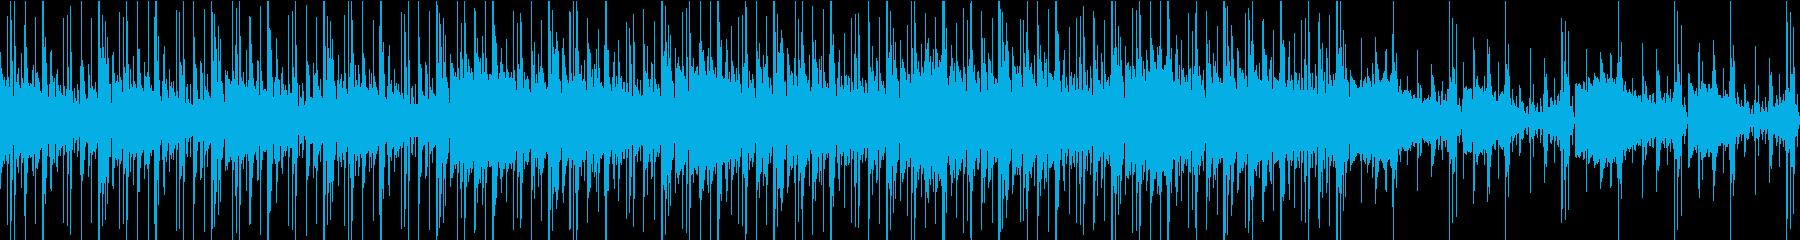 ループ:ダーク、ファンク、スタイリッシュの再生済みの波形